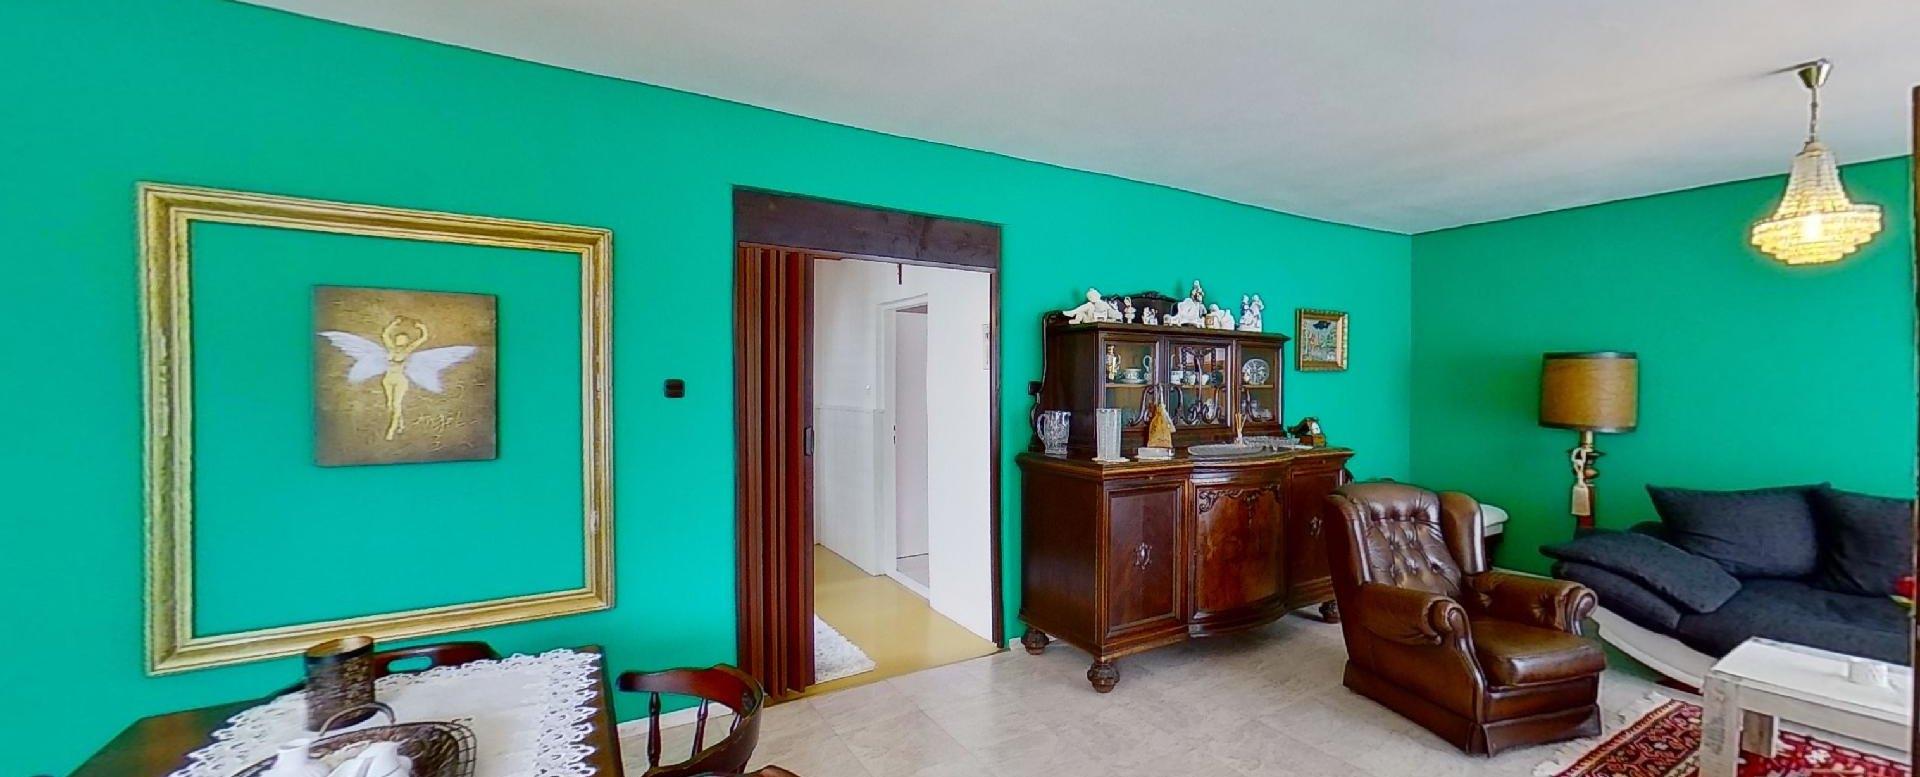 pohľad v obývacej izbe